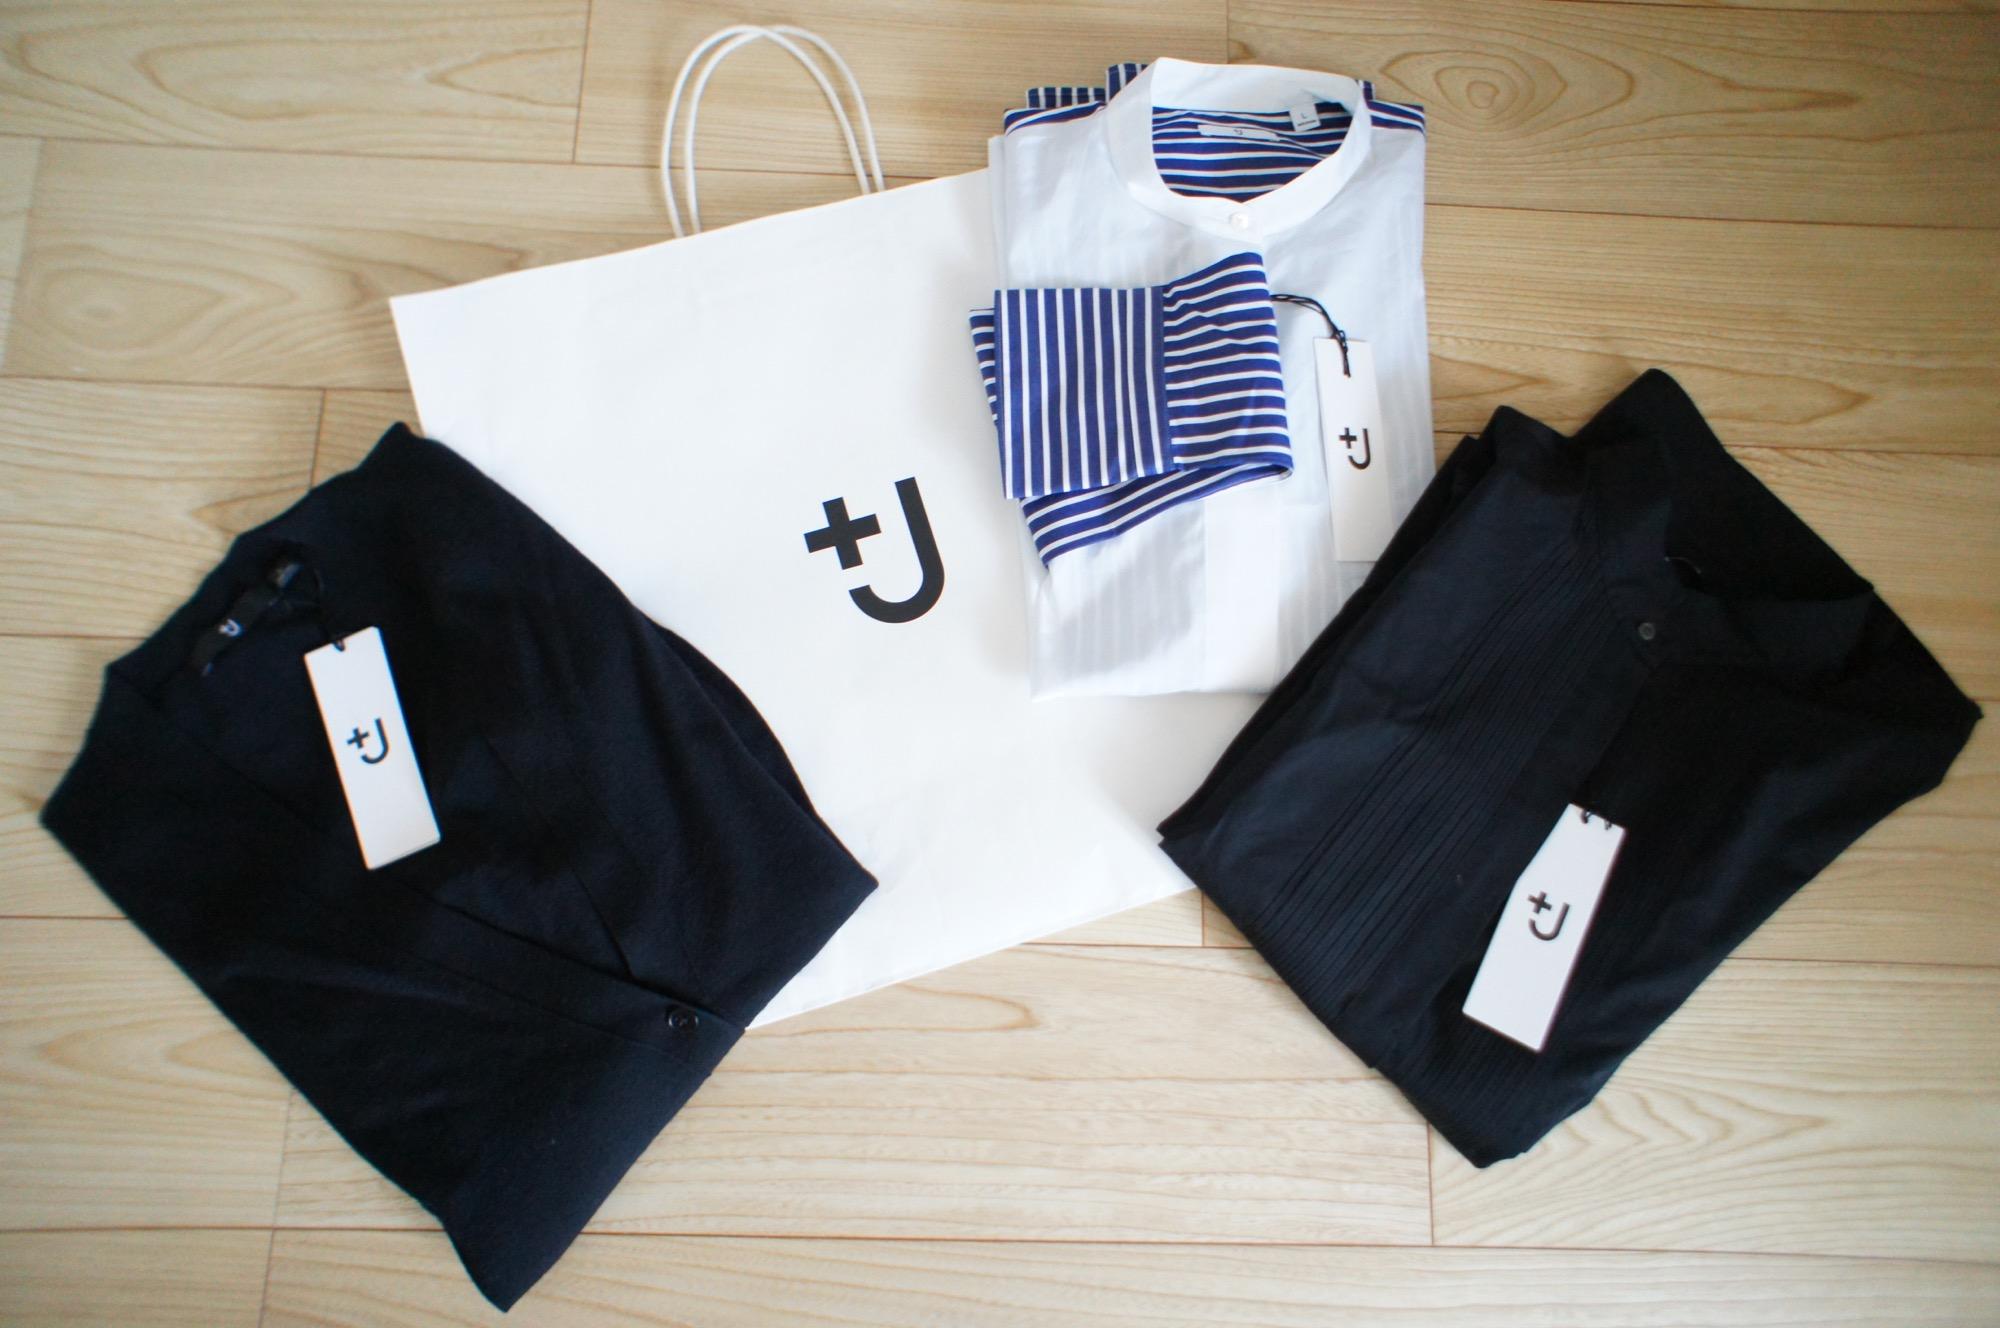 《伝説のコレクション再び❤️》大行列!【ユニクロ+J】#週5でユニジョ の私がスムーズな購入方法と購入品をレポ☝︎♡_1